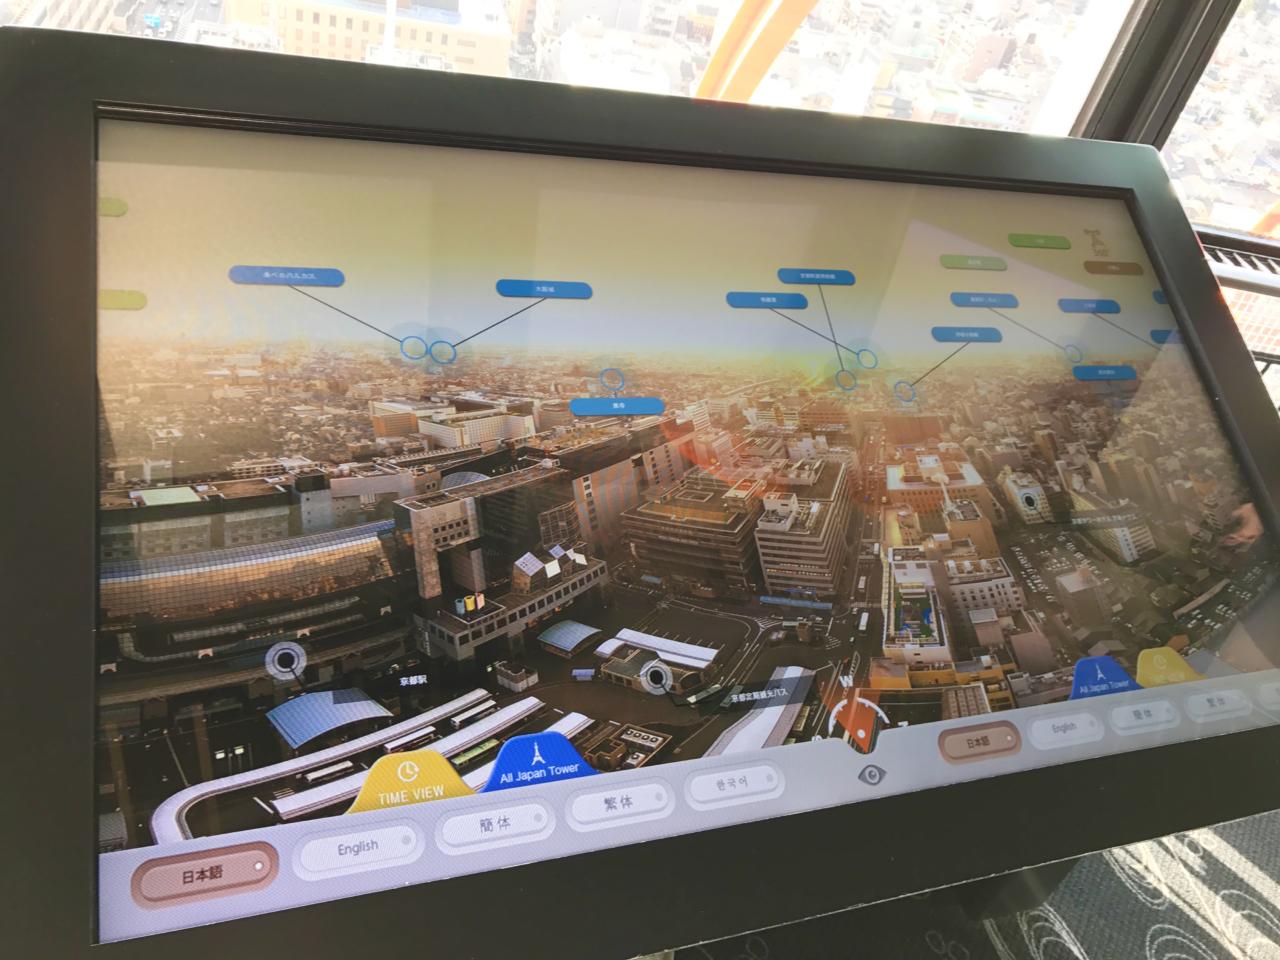 京都タワースポット解説画面